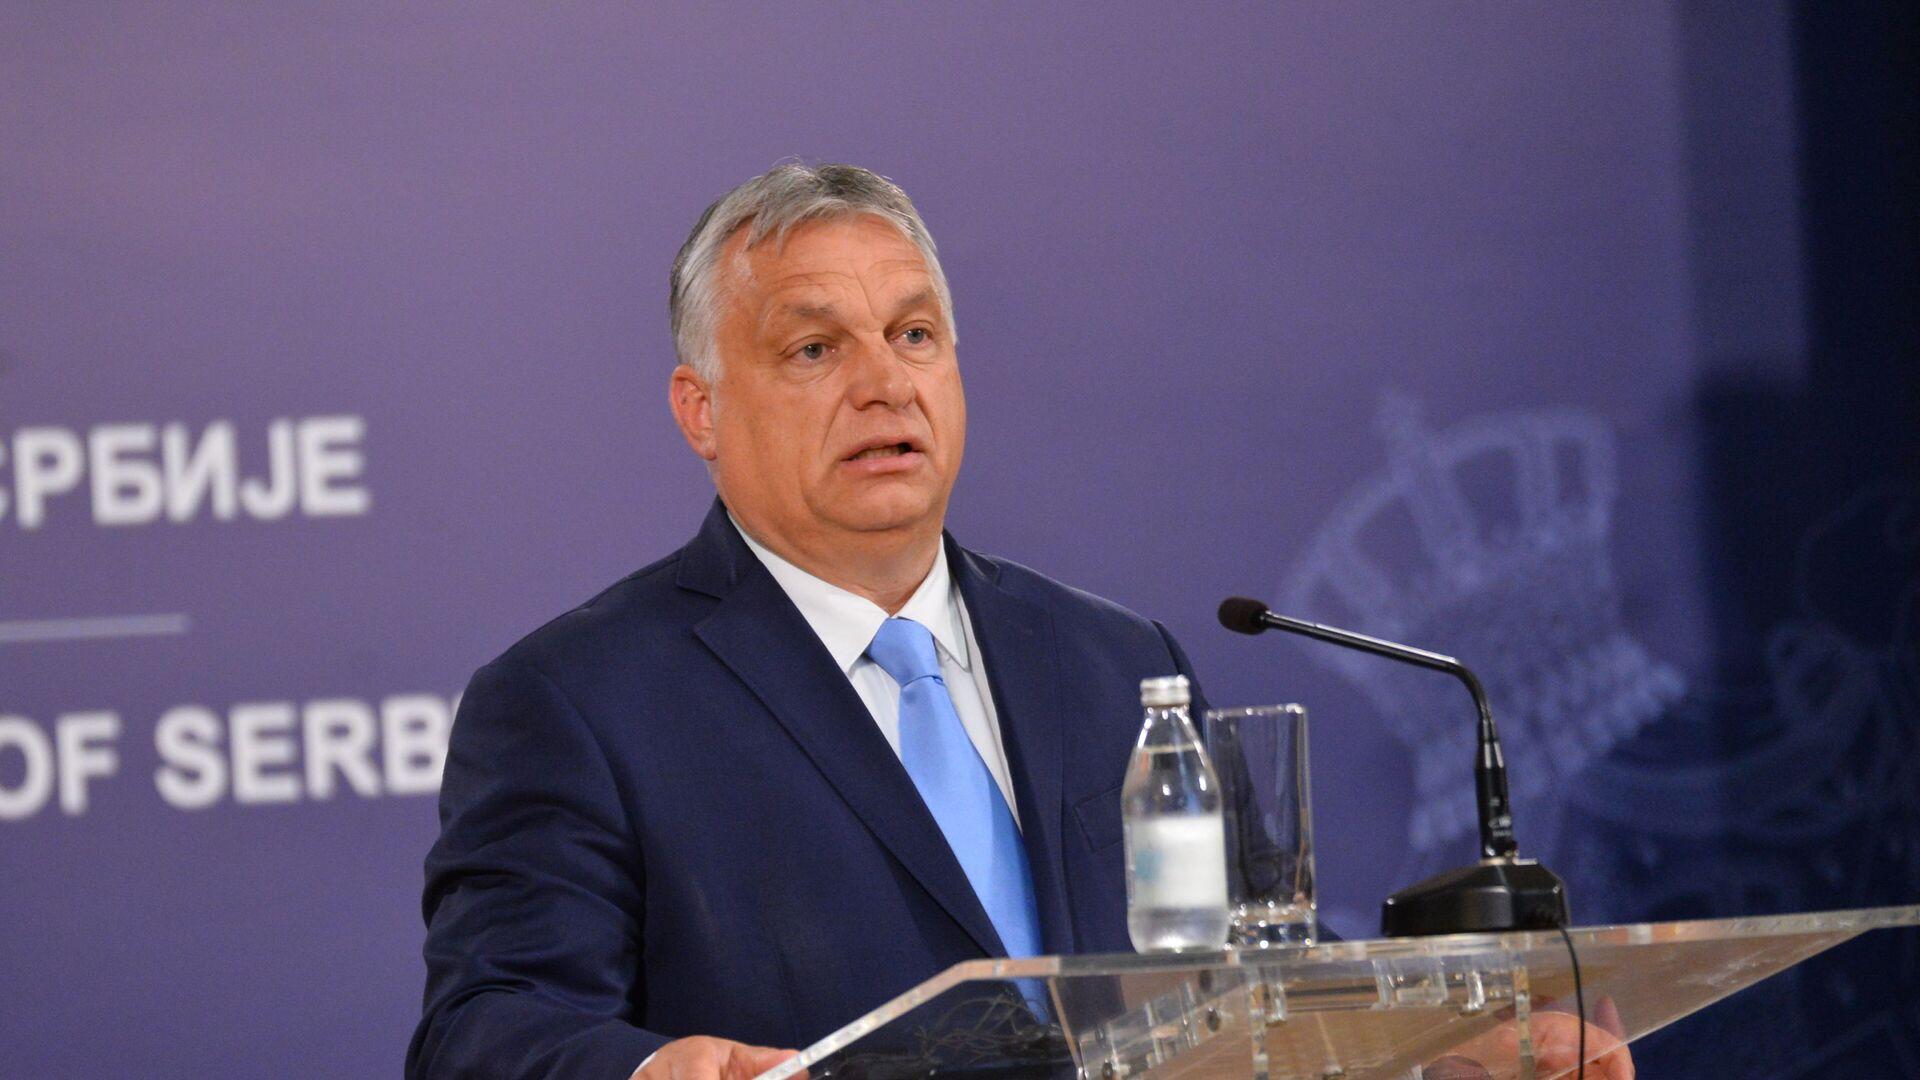 Виктор Орбан - Sputnik Србија, 1920, 08.07.2021